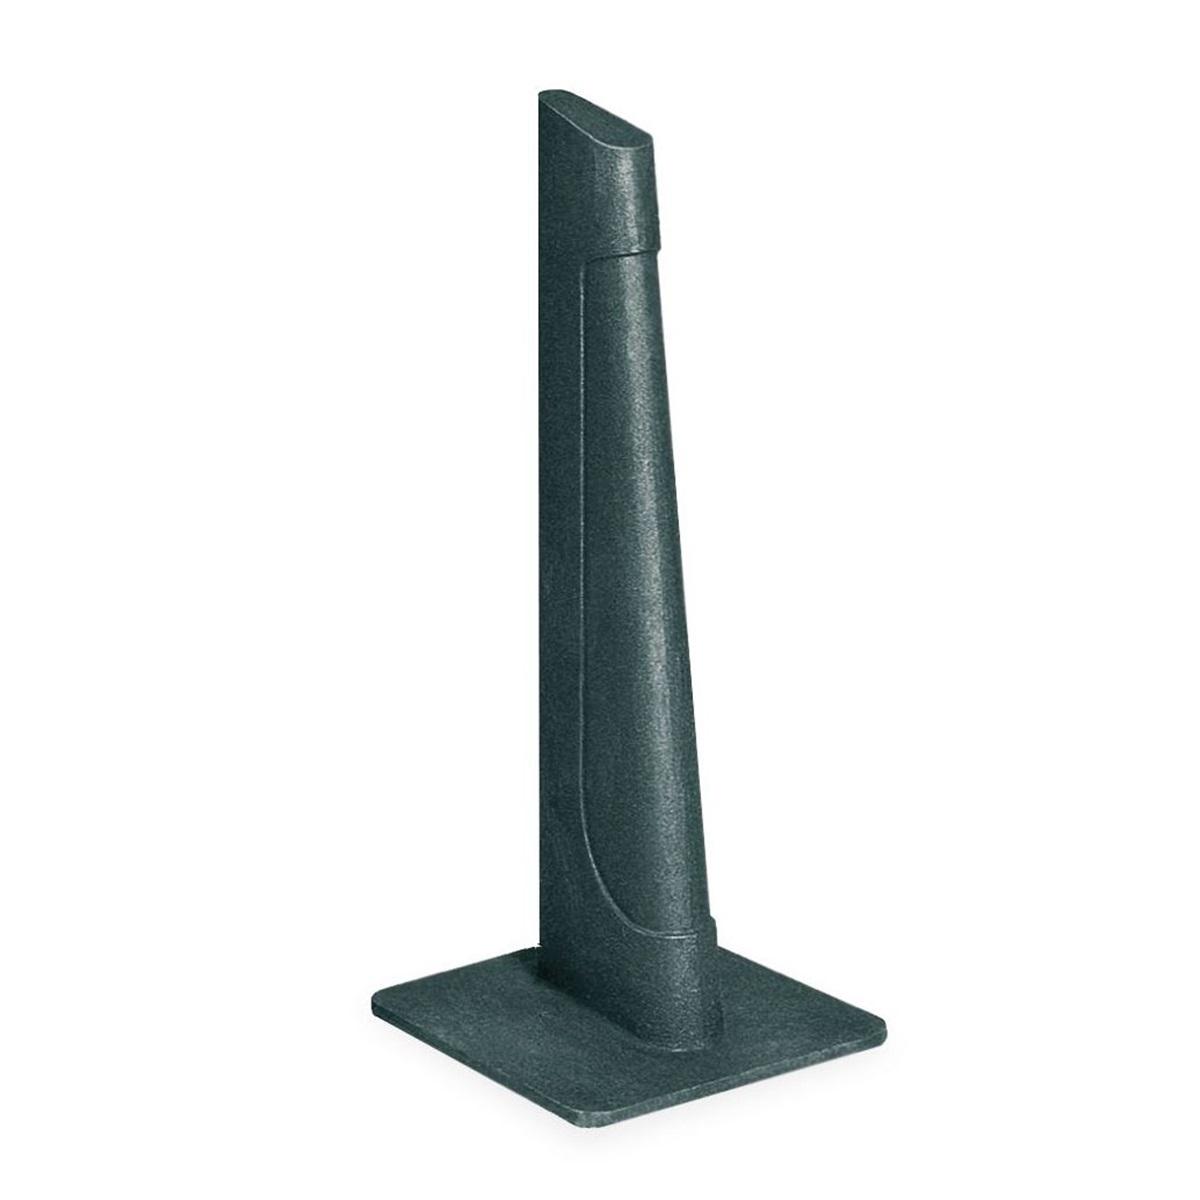 Pilona Ton pequeña de fundición para atornillar y 538mm altura - C-503